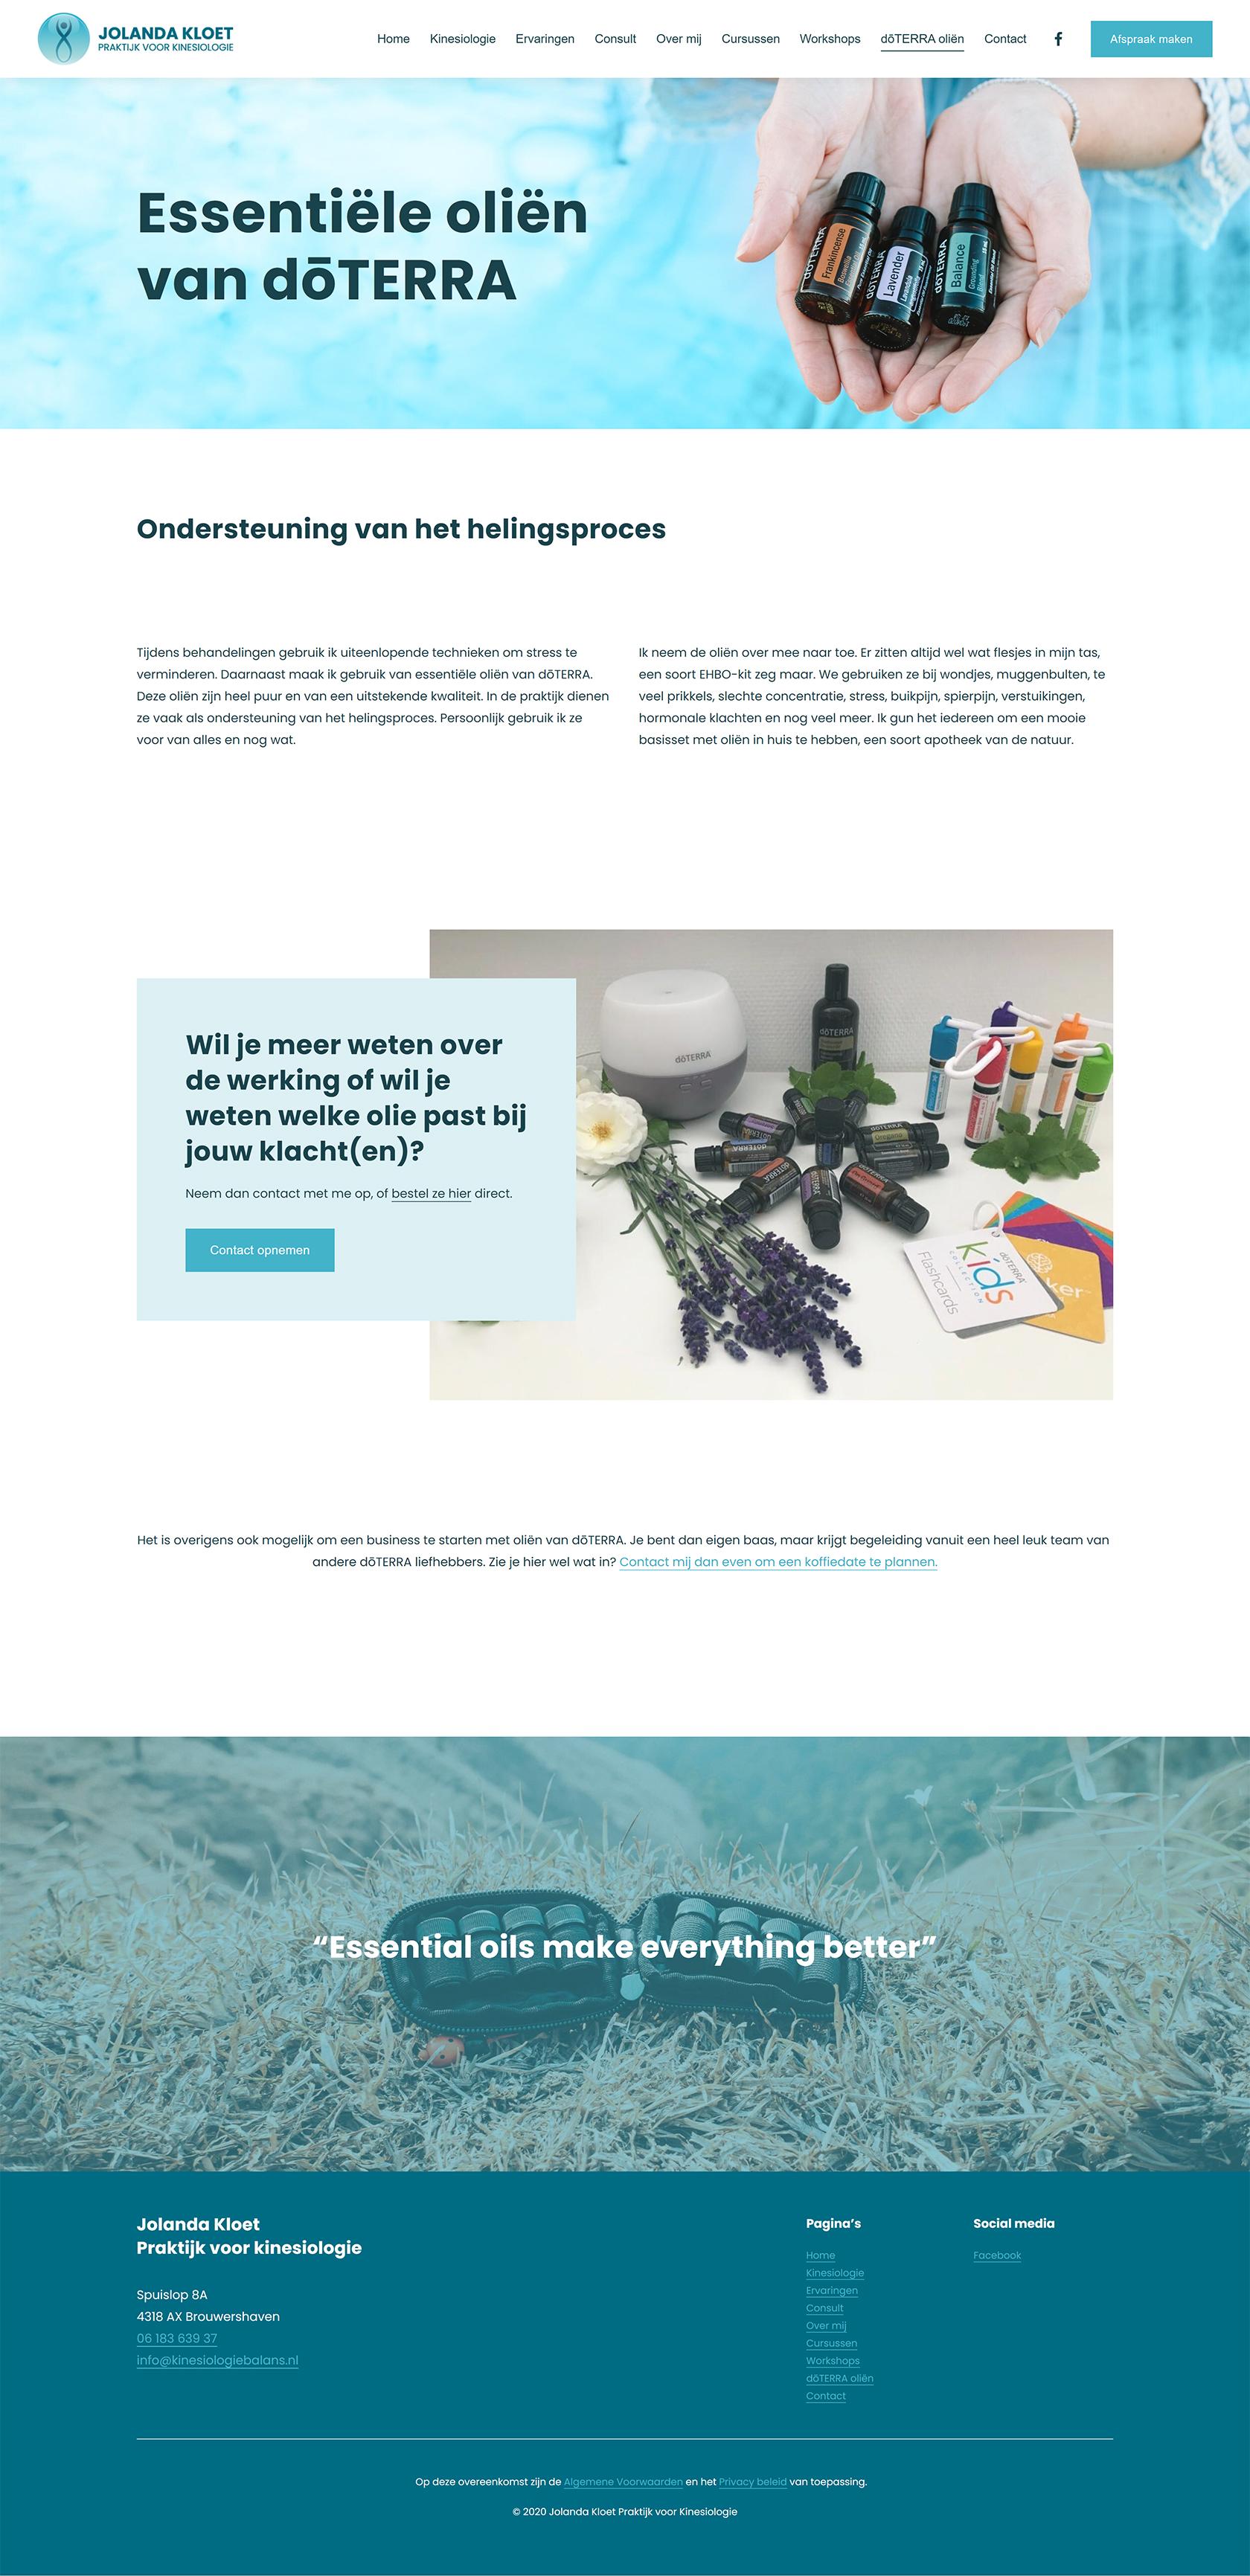 Website ontwerp doterra olieën pagina Jolanda Kloet | Praktijk voor kinesiologie